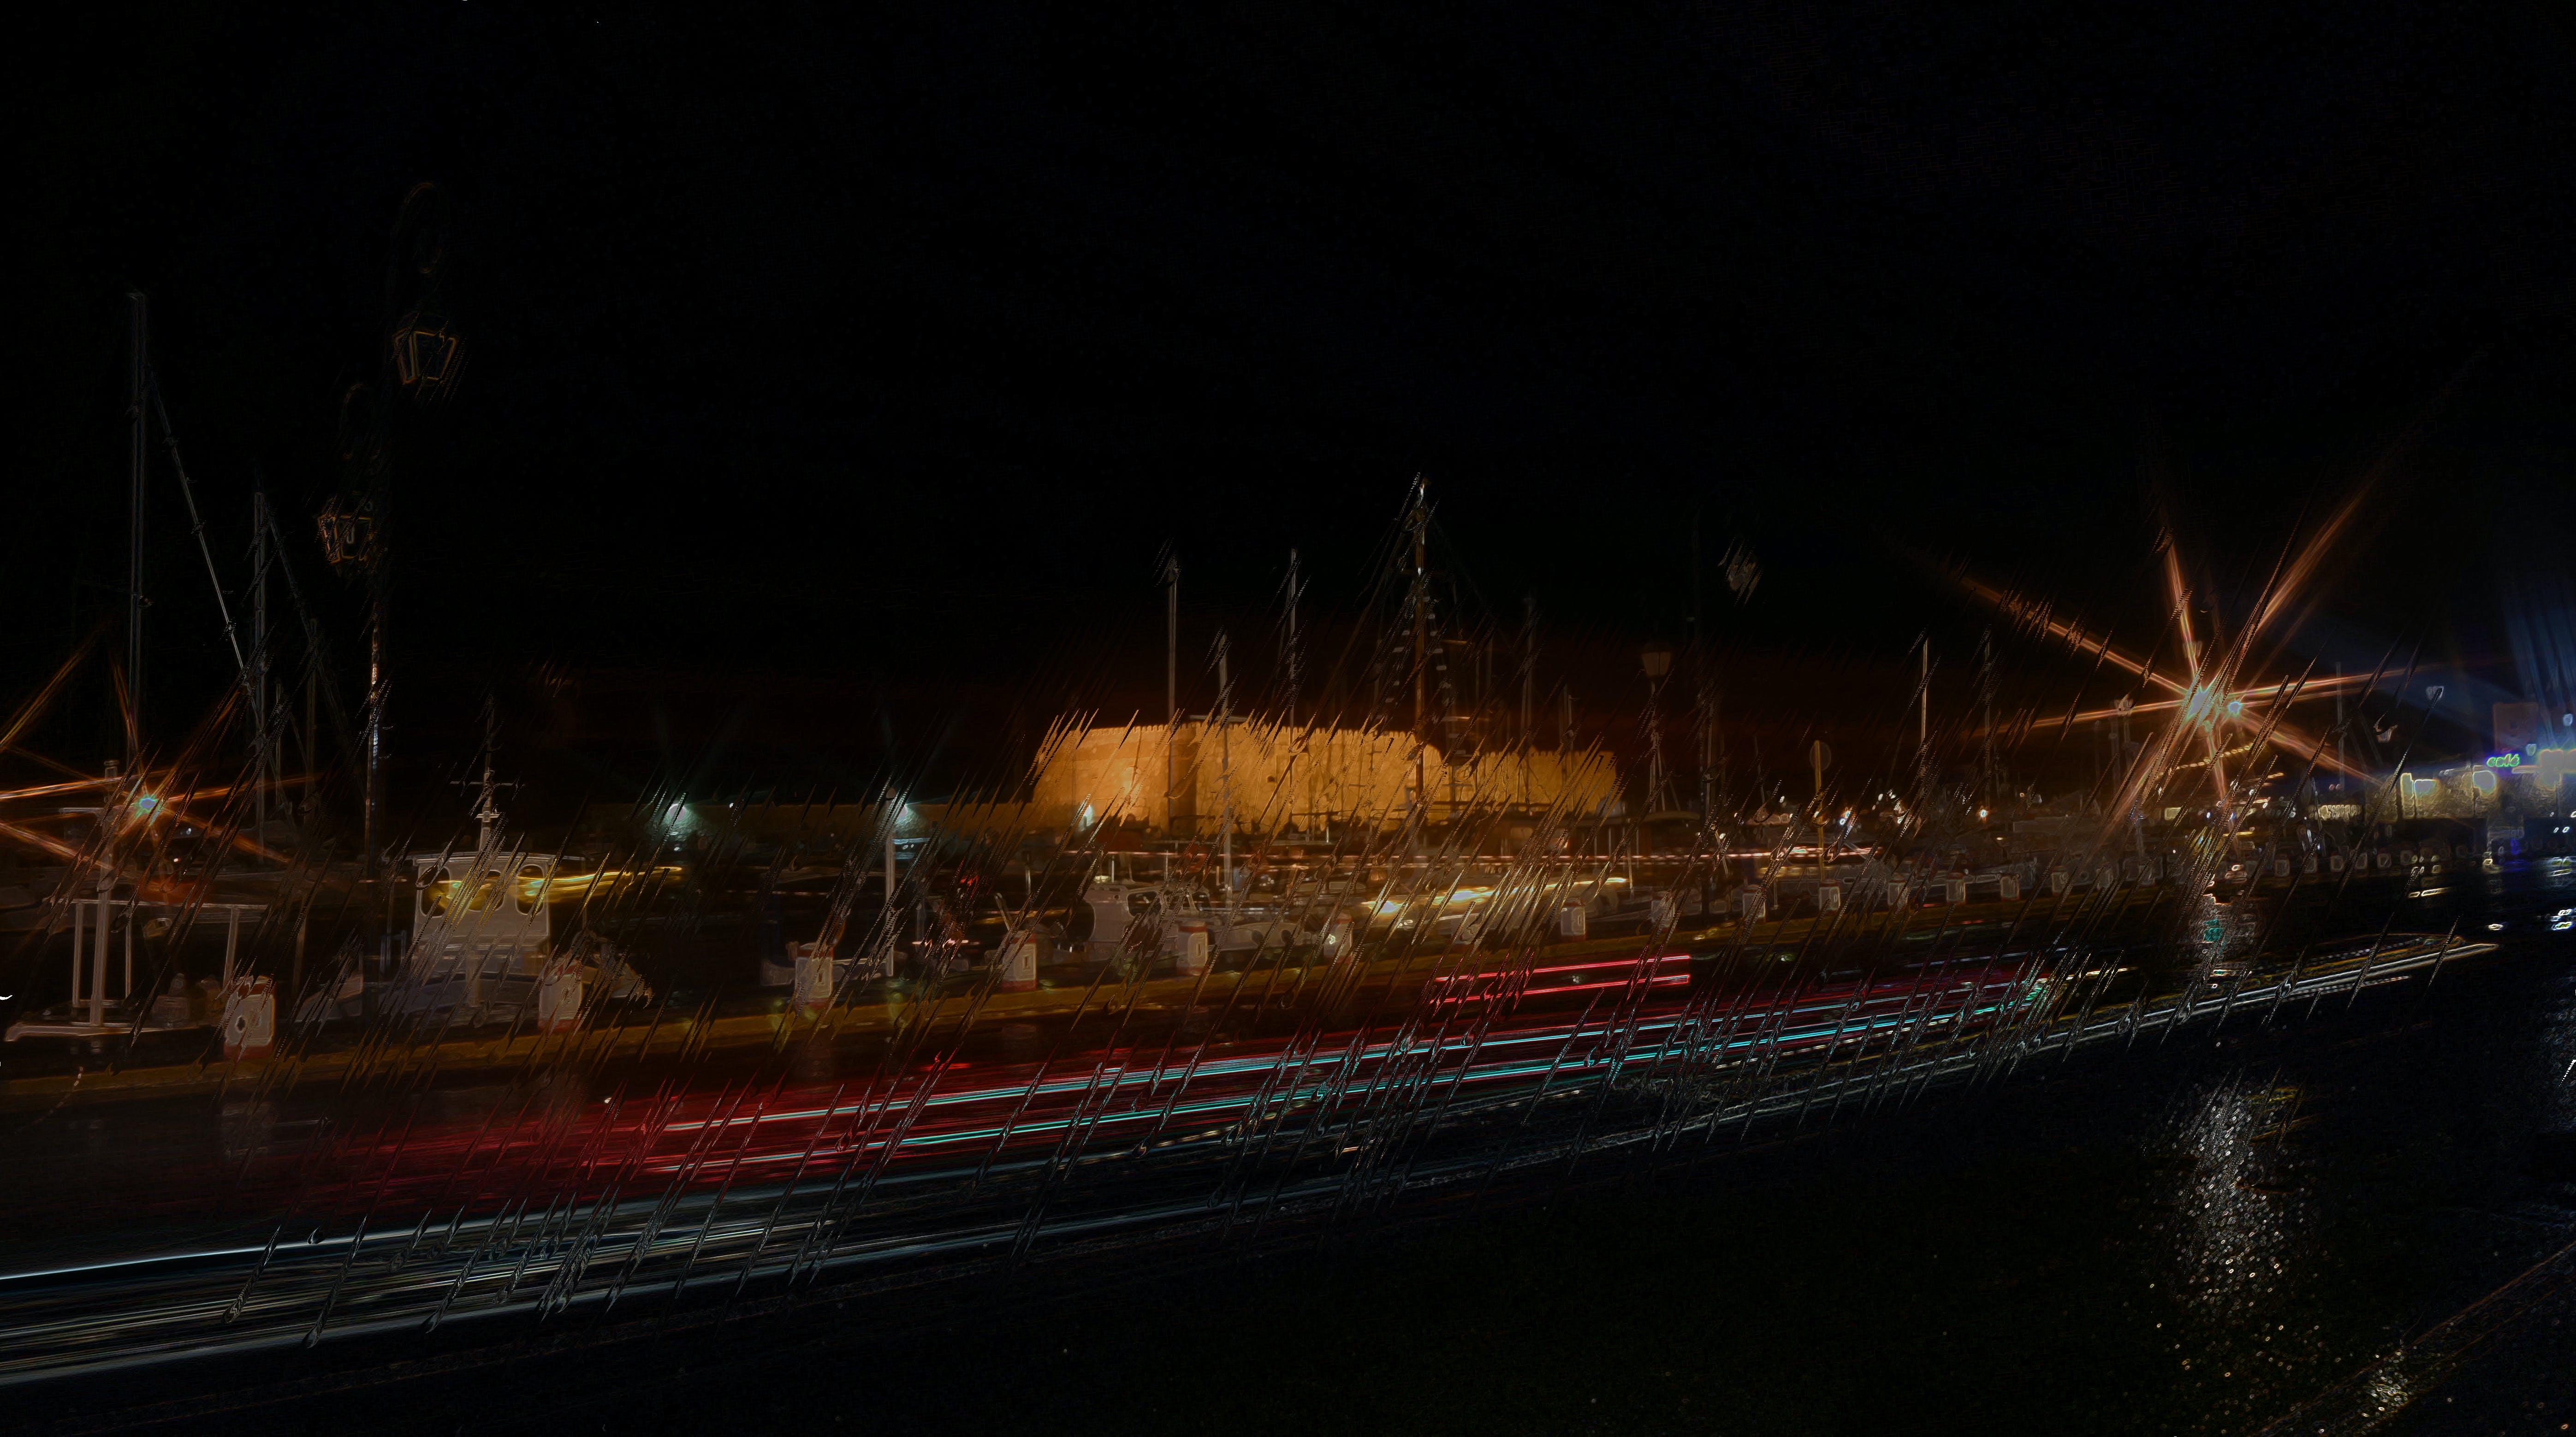 Darmowe zdjęcie z galerii z deszczowa noc, deszczowy dzień, kuter rybacki, miasto nocą